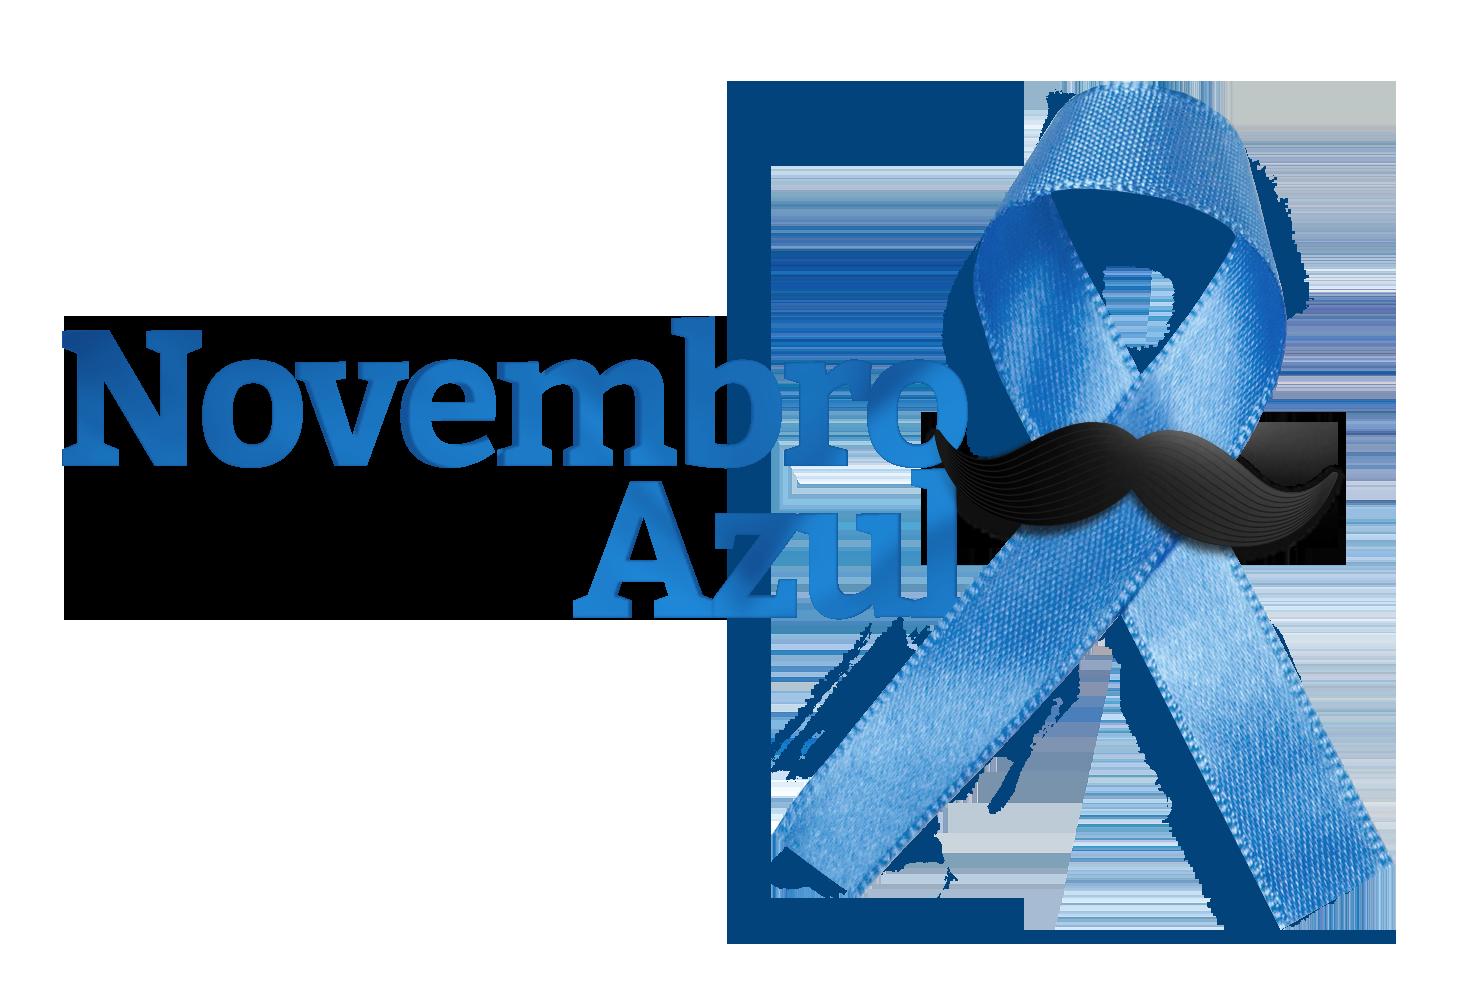 Esposende alerta para prevenção do cancro da próstata com a campanha Novembro Azul